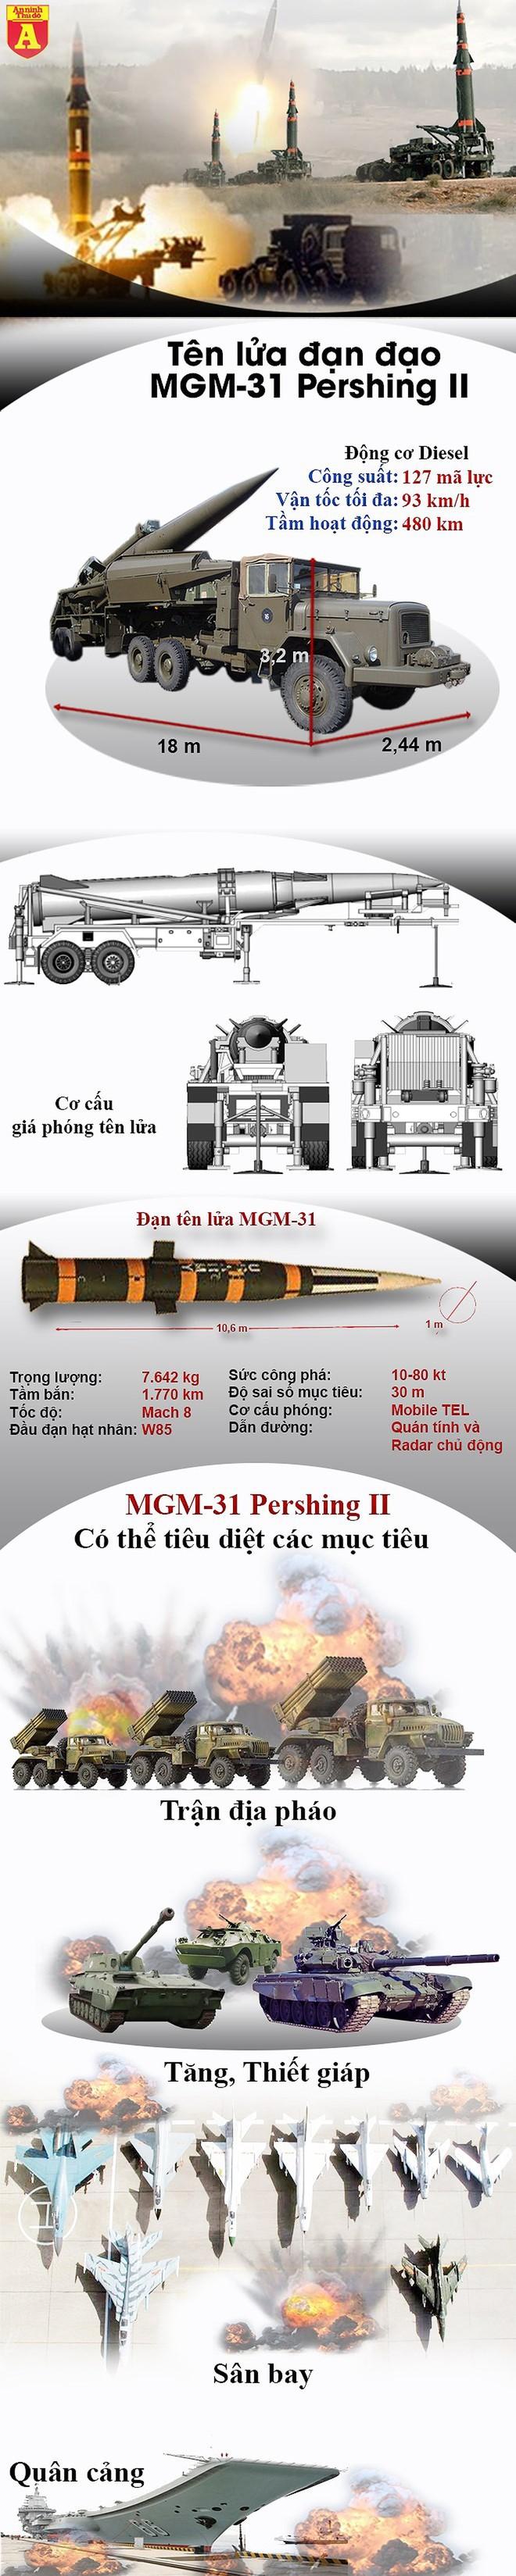 """[Info] Mỹ bất ngờ nâng cấp """"quỷ thần"""" MGM-31 Pershing II từng khiến Liên Xô thất kinh ảnh 4"""